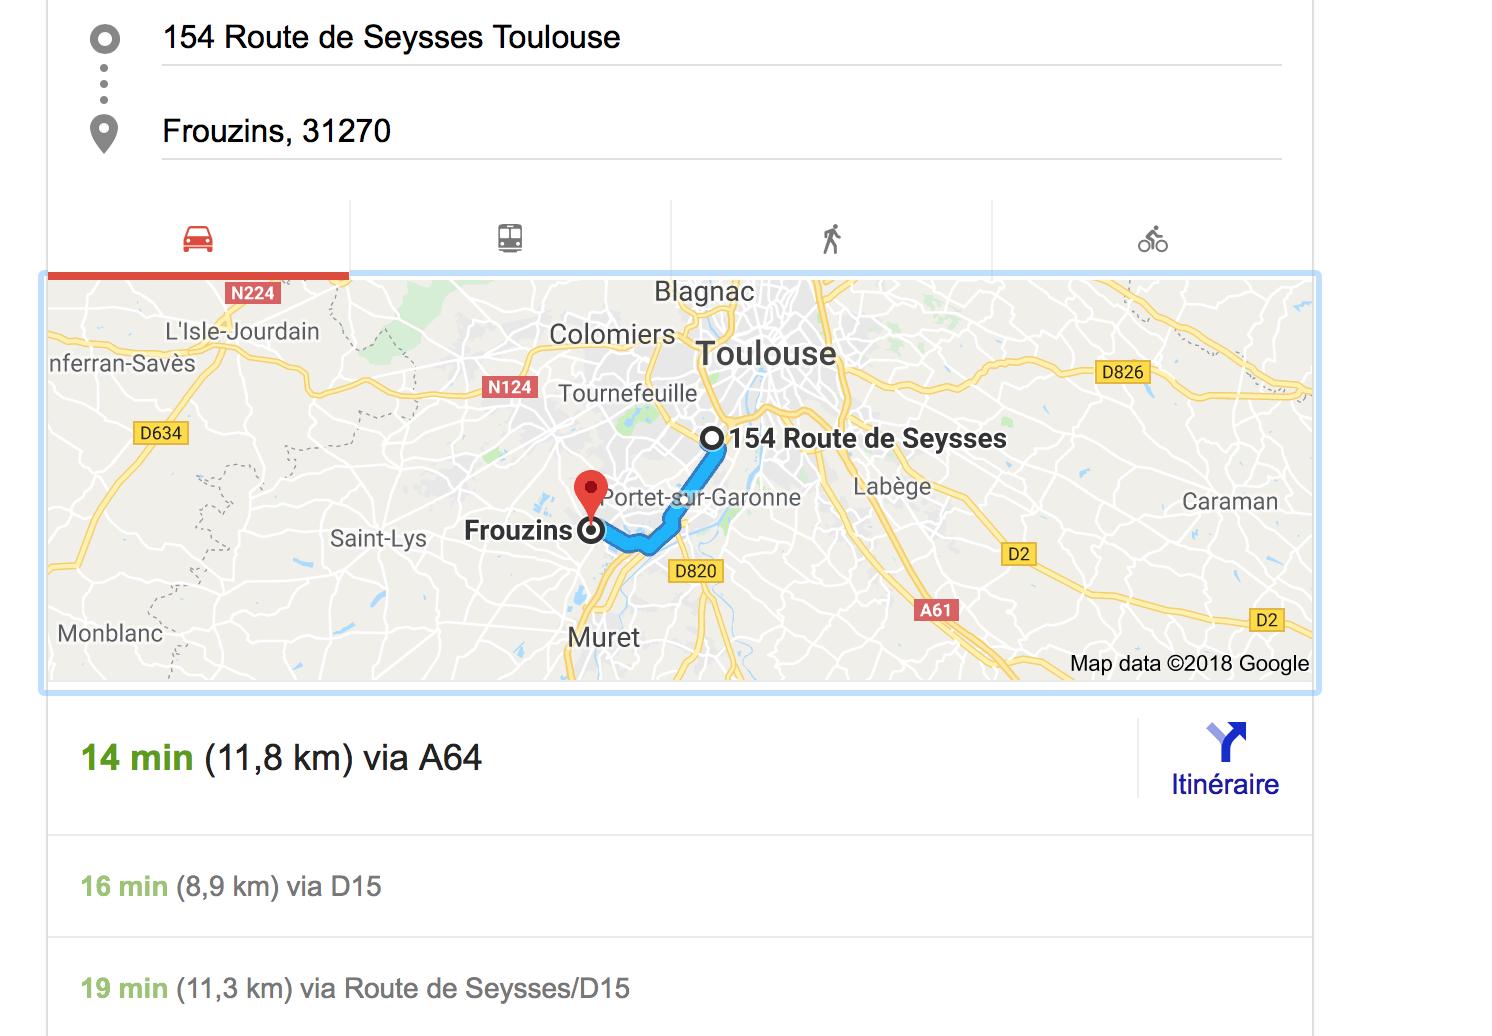 carte itinéraire Frouzins bureaux Toulouse - Contact